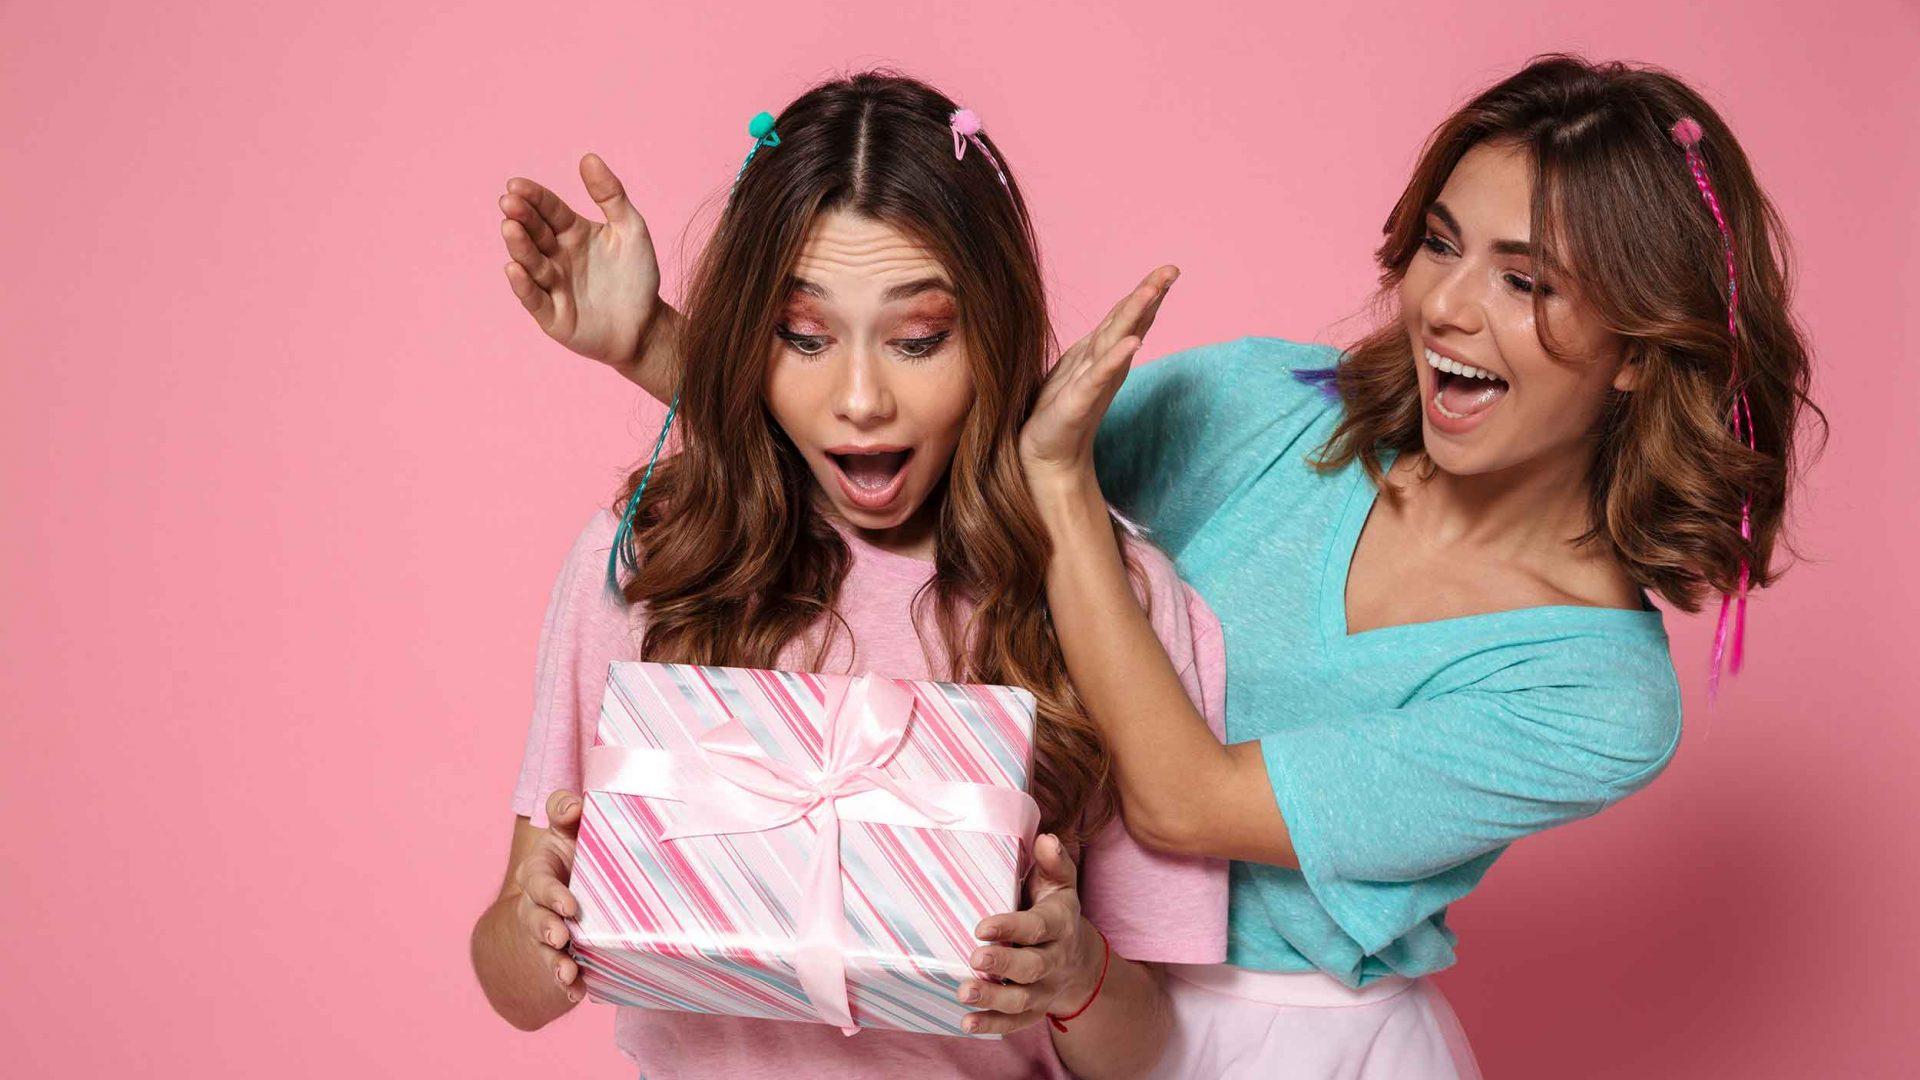 Surprise-Gift-Pink-BG